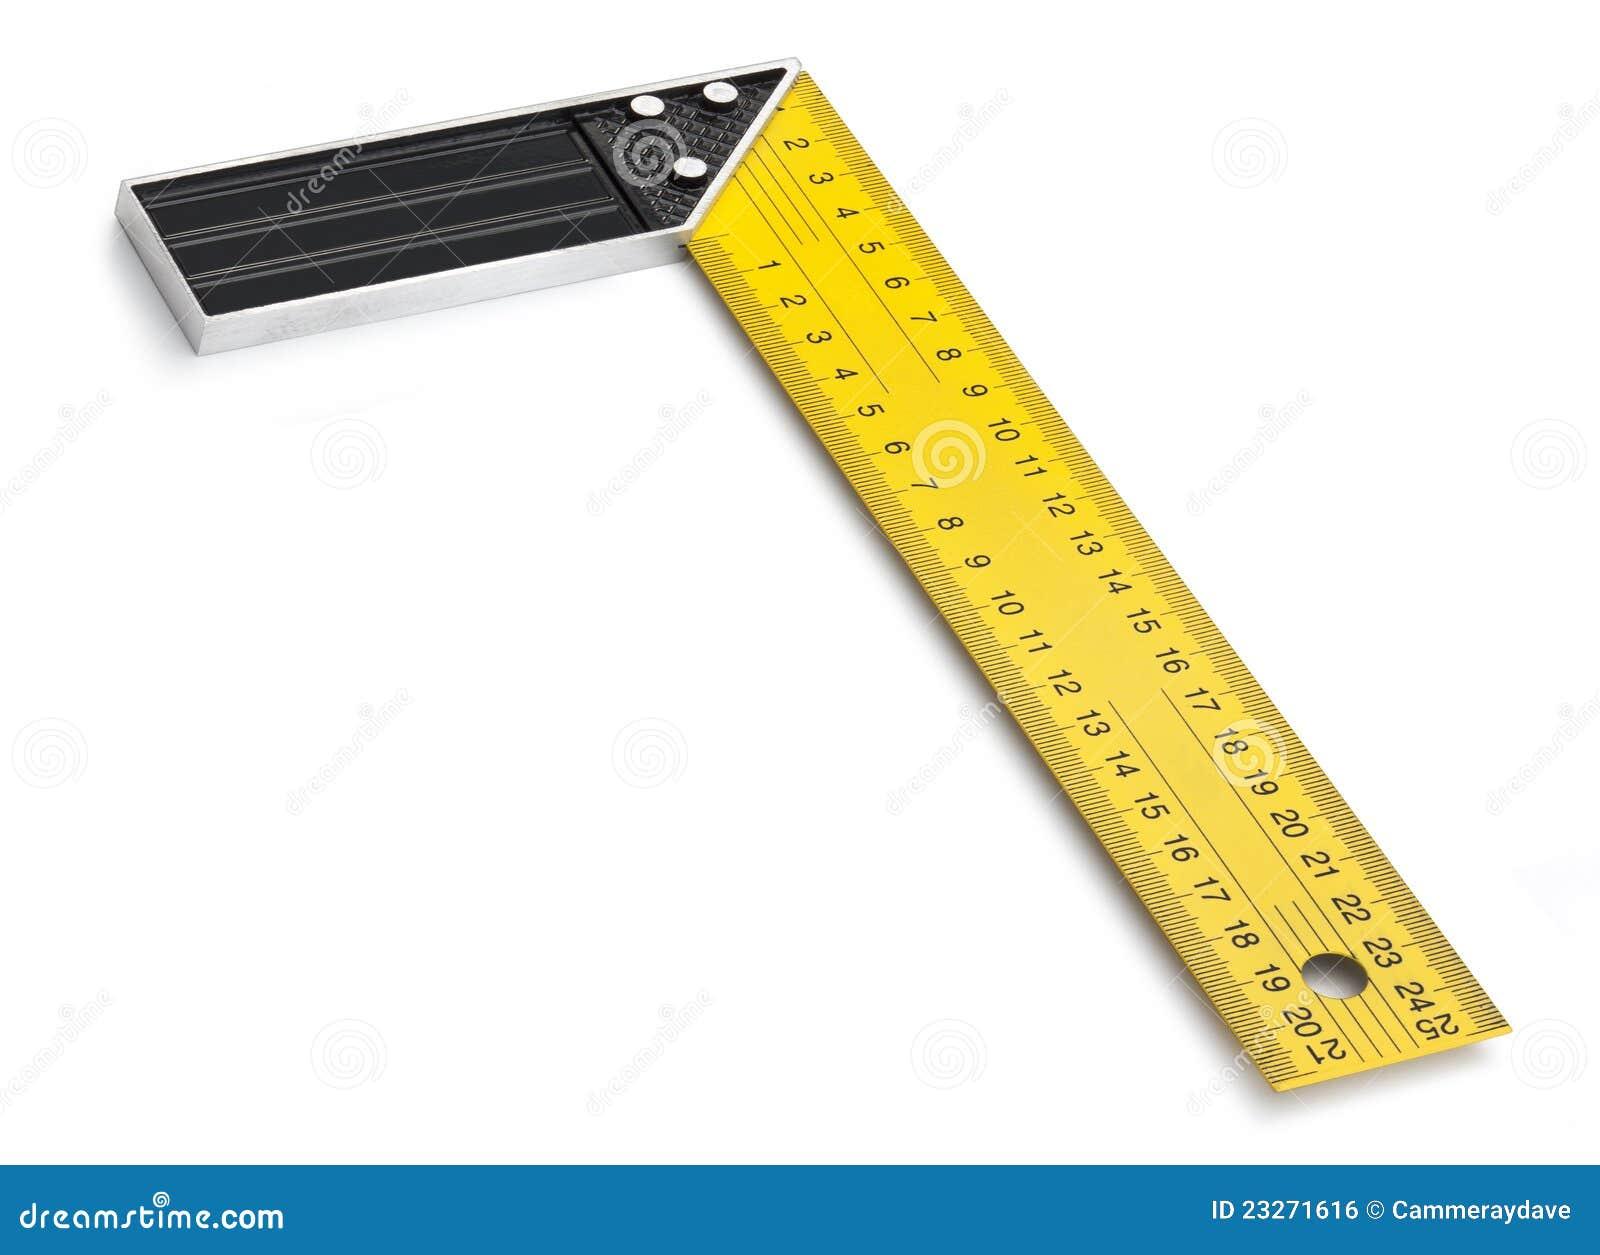 Het hulpmiddel van de rechte hoek stock foto afbeelding 23271616 - Sofa van de hoek uitstekende ...